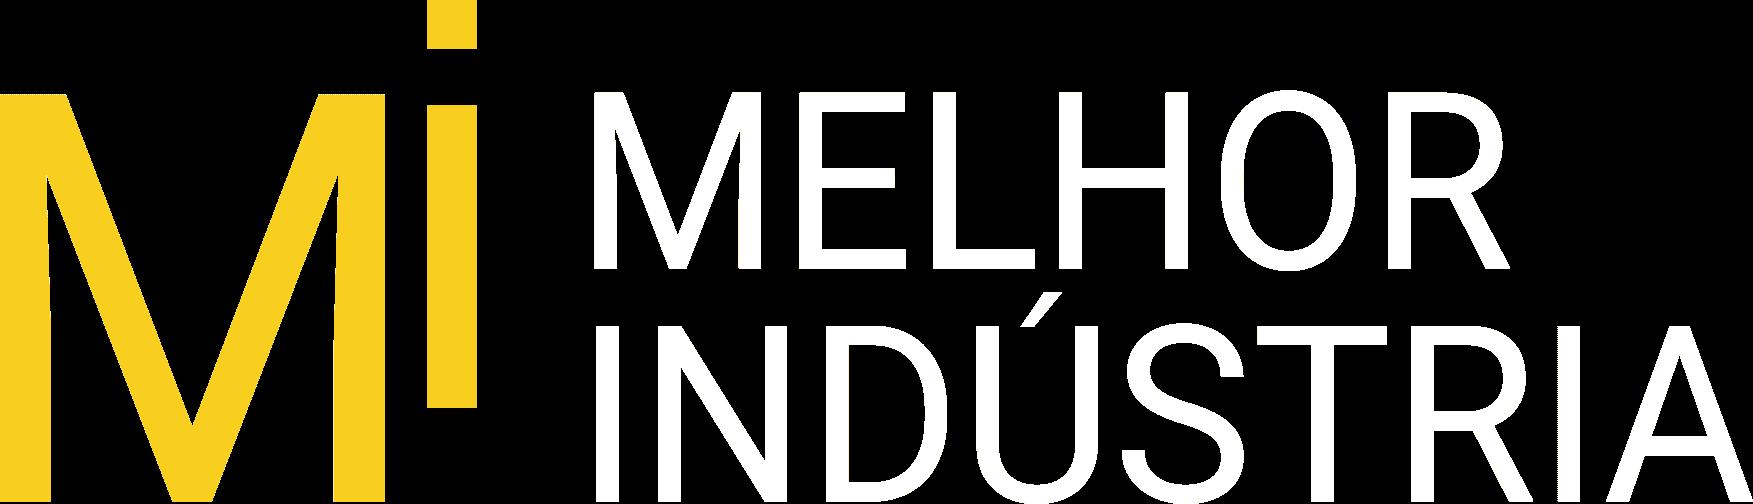 Melhor indústria - Mudar para a página inicial